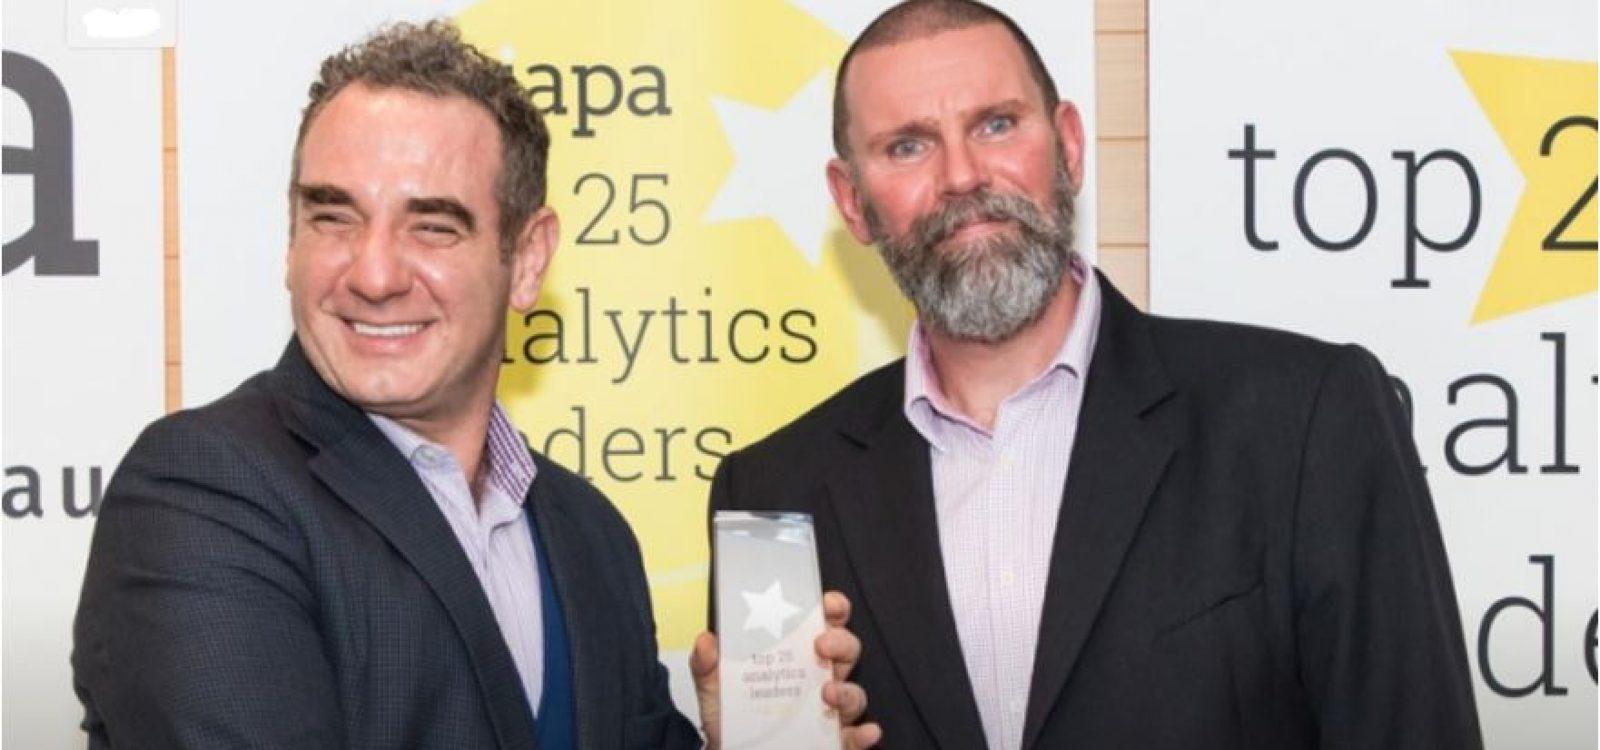 Actuarial skillset takes top spots in IAPA Top 25 Analytics Leaders list